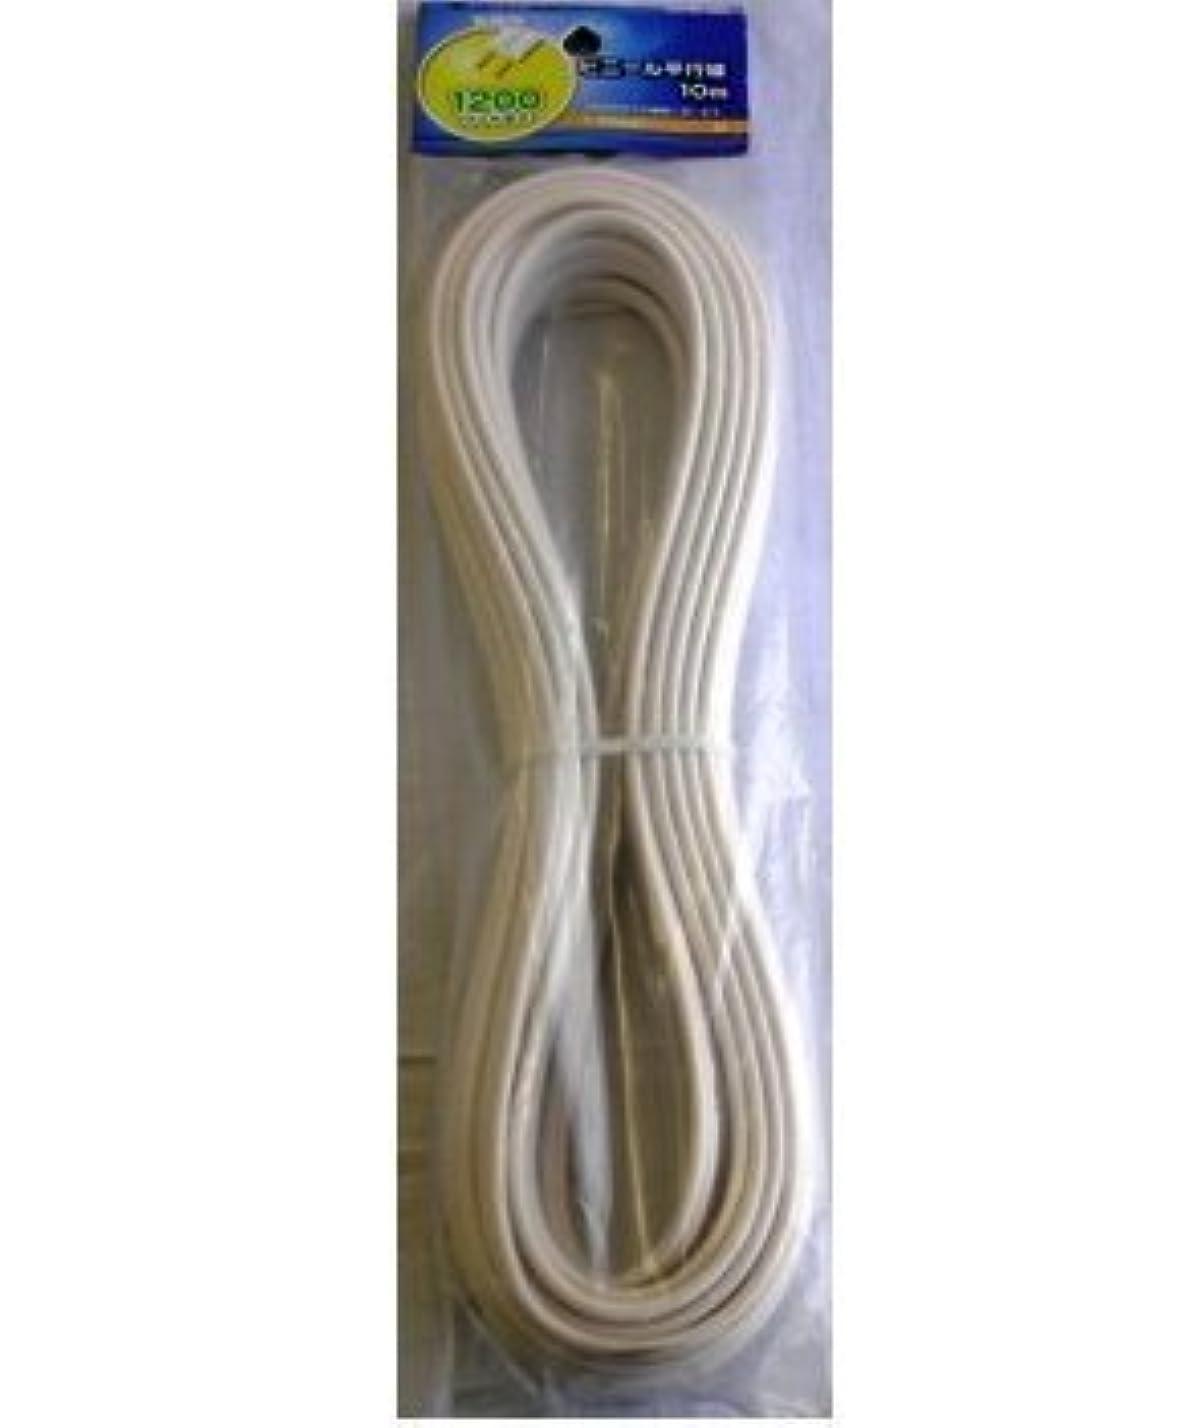 香ばしいカビ活性化するOHM 配線用 ビニール平行線 白 2m 1200W (04-7329)